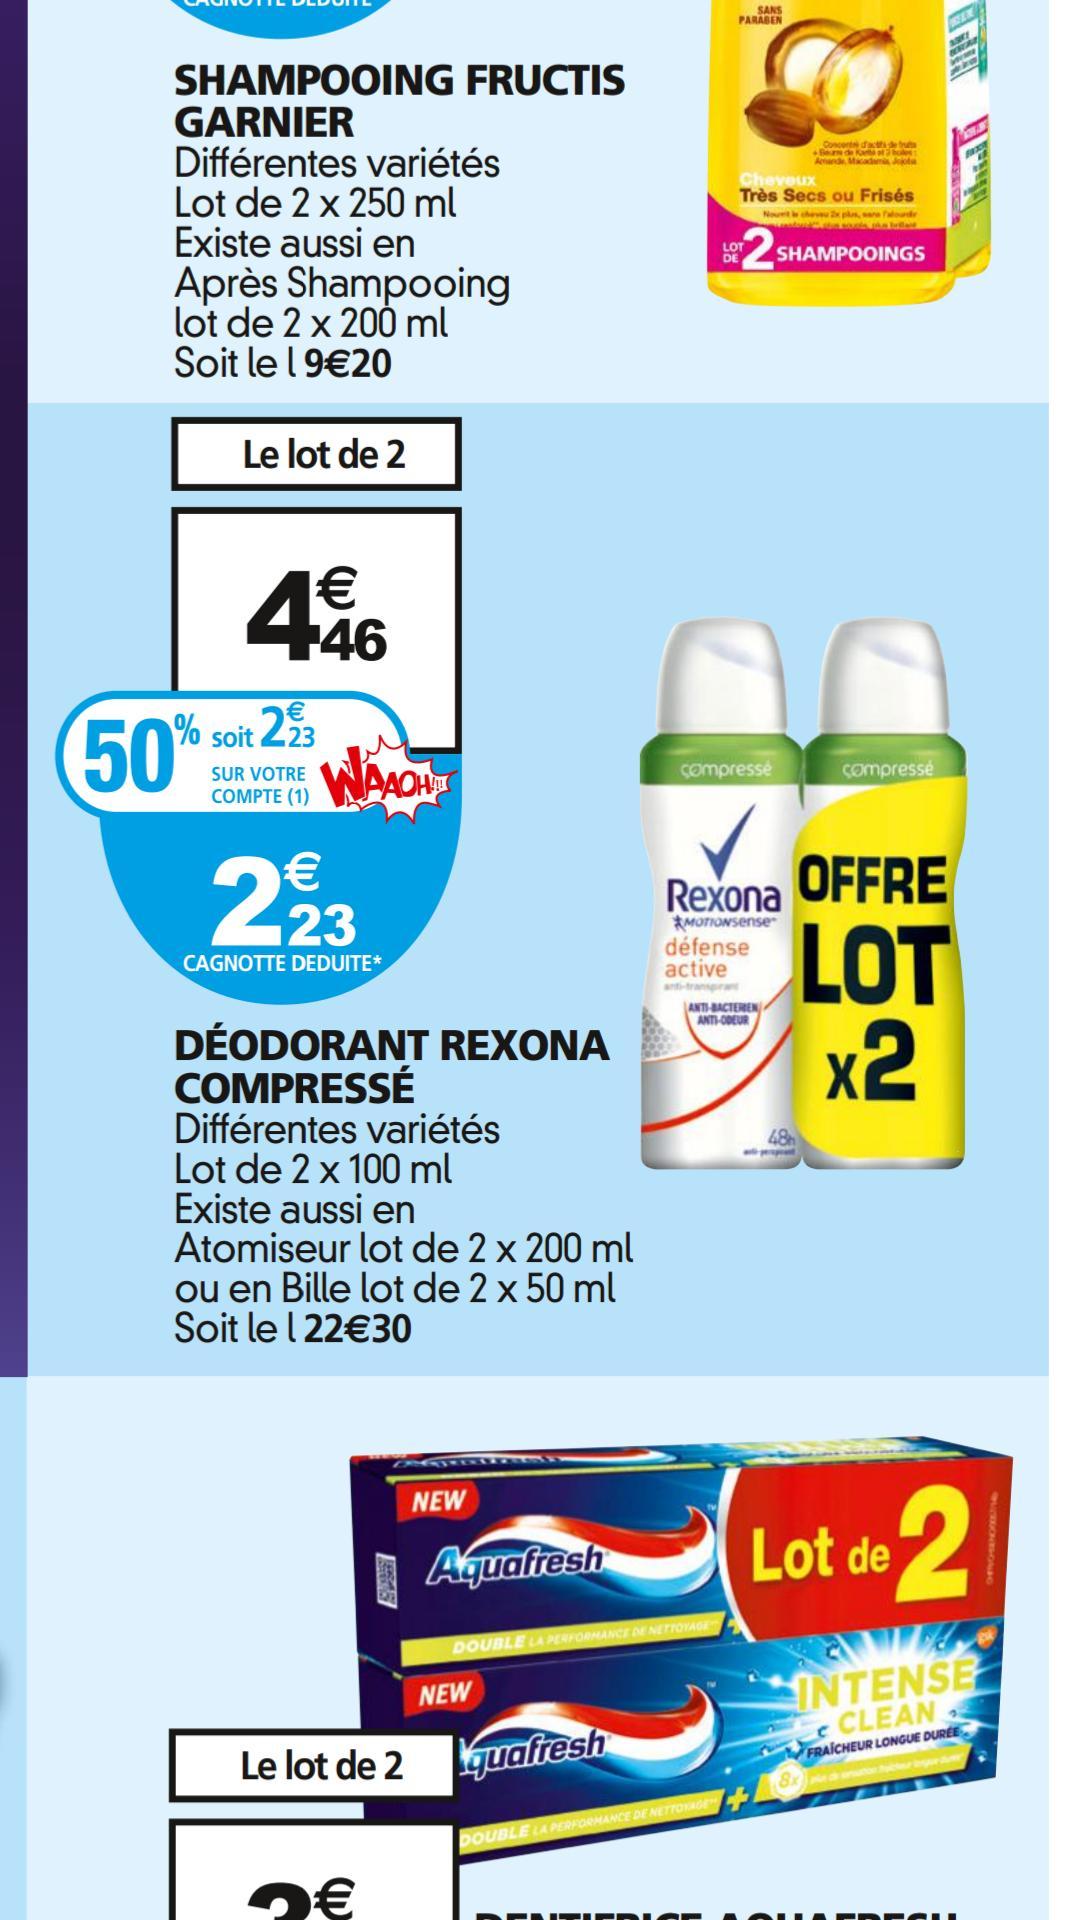 Lot de 2 déodorants Rexona (via carte de fidélité + BDR)